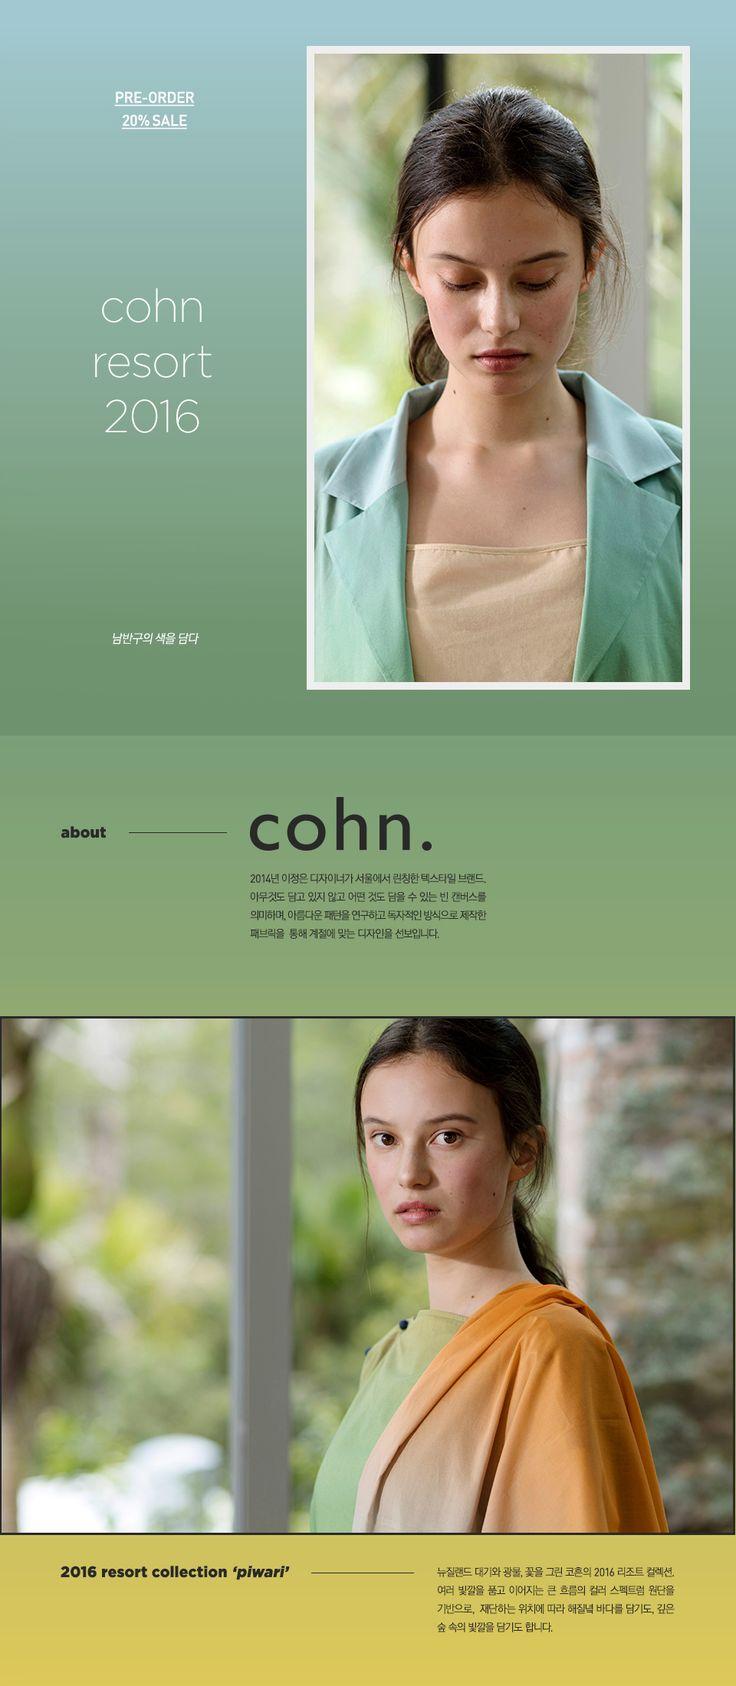 [ONLY 29CM] 자연의 색을 담은 COHN, 프리오더 20% 할인